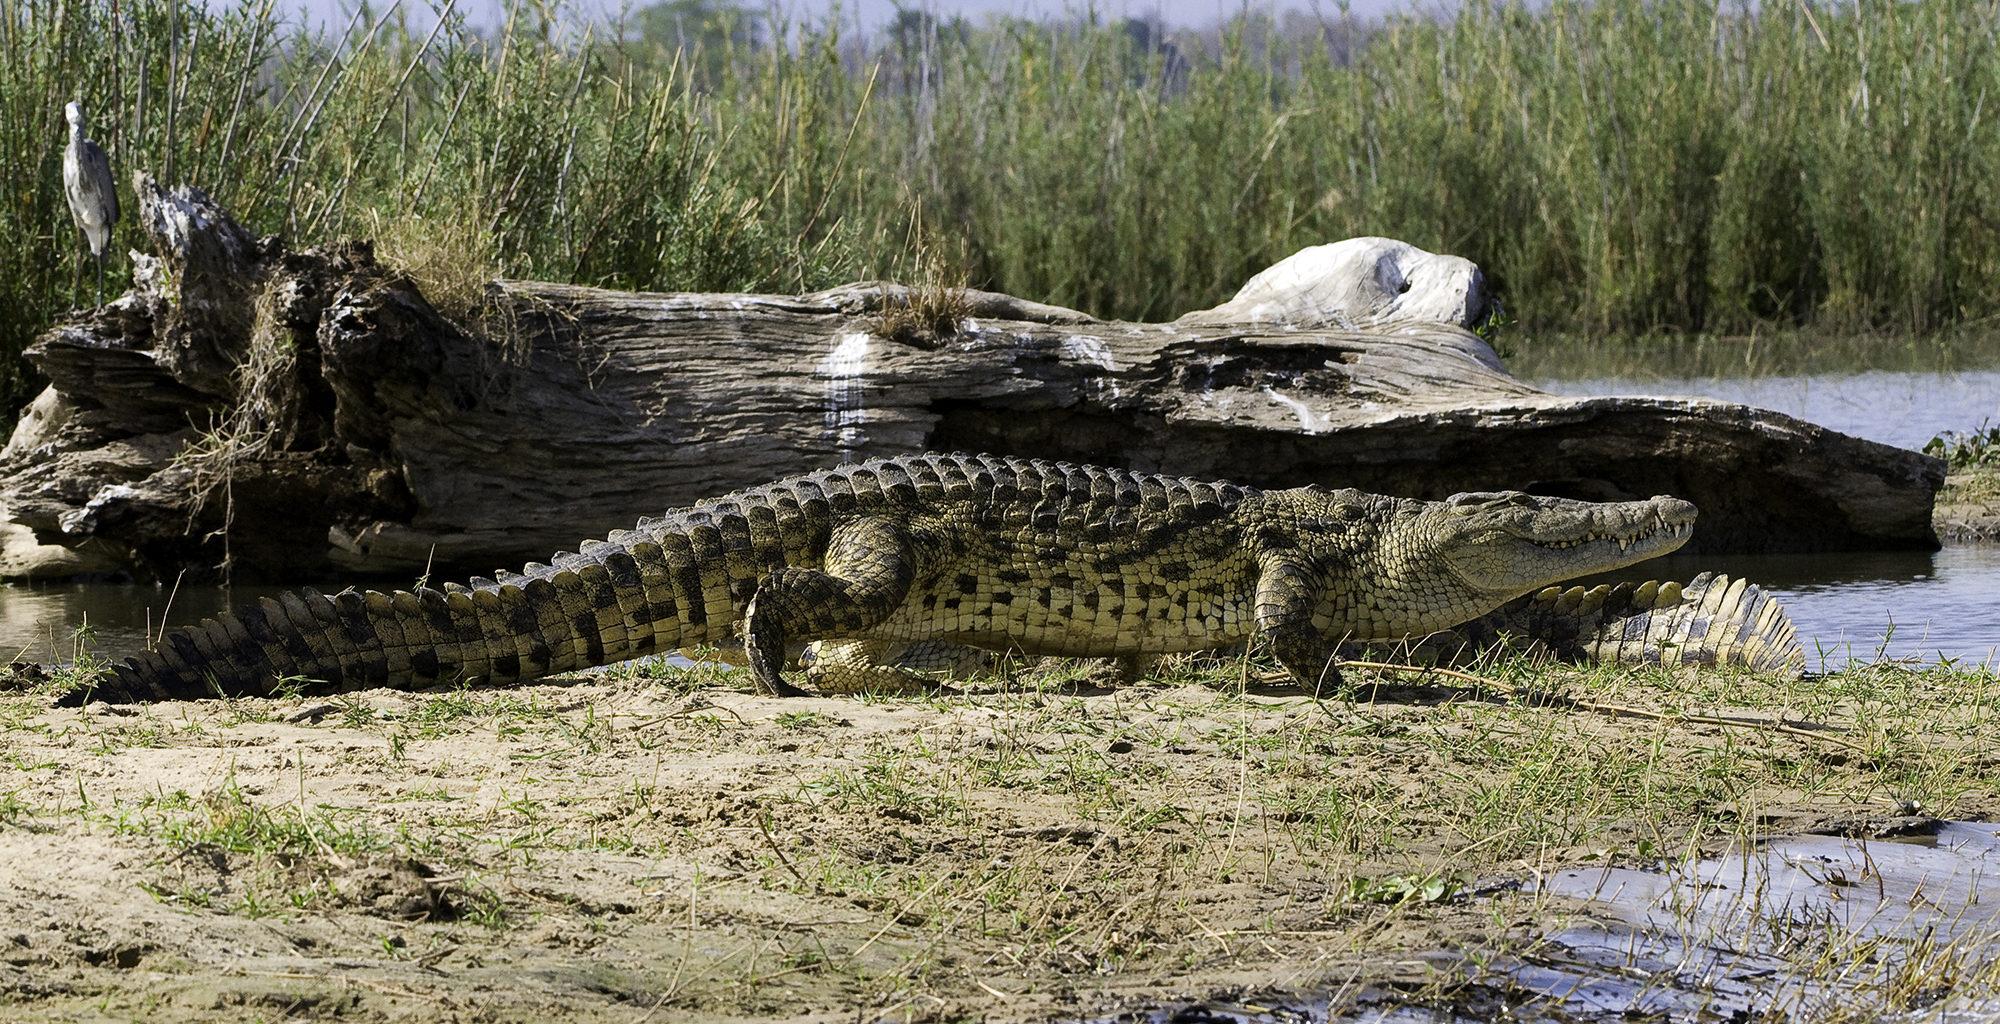 Malawi-Liwonde-National-Park-Wildlife